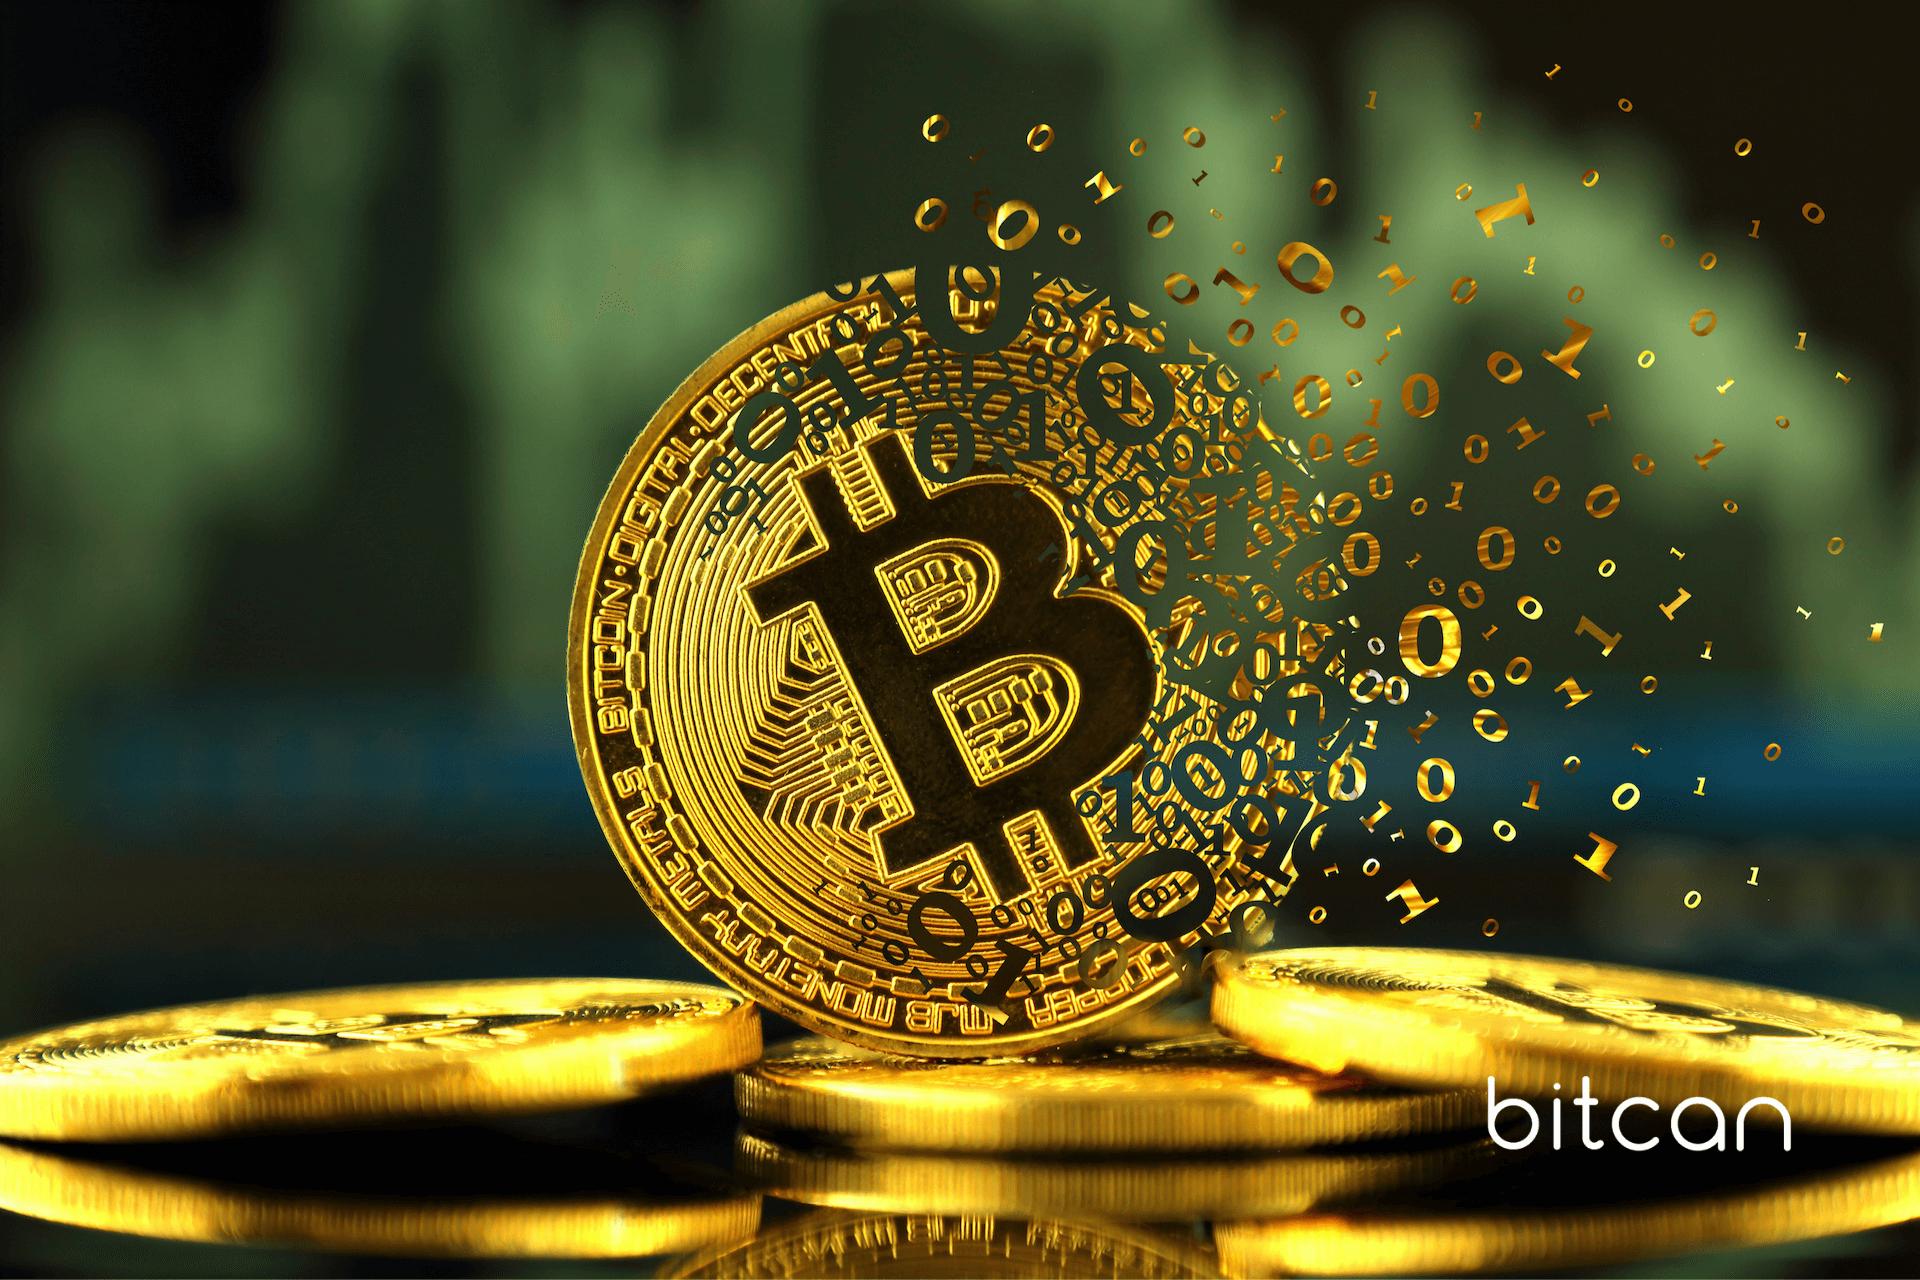 Bitcoin wyprzedawany w panice przez rajd spadkowy. Kto pozbywa się BTC?